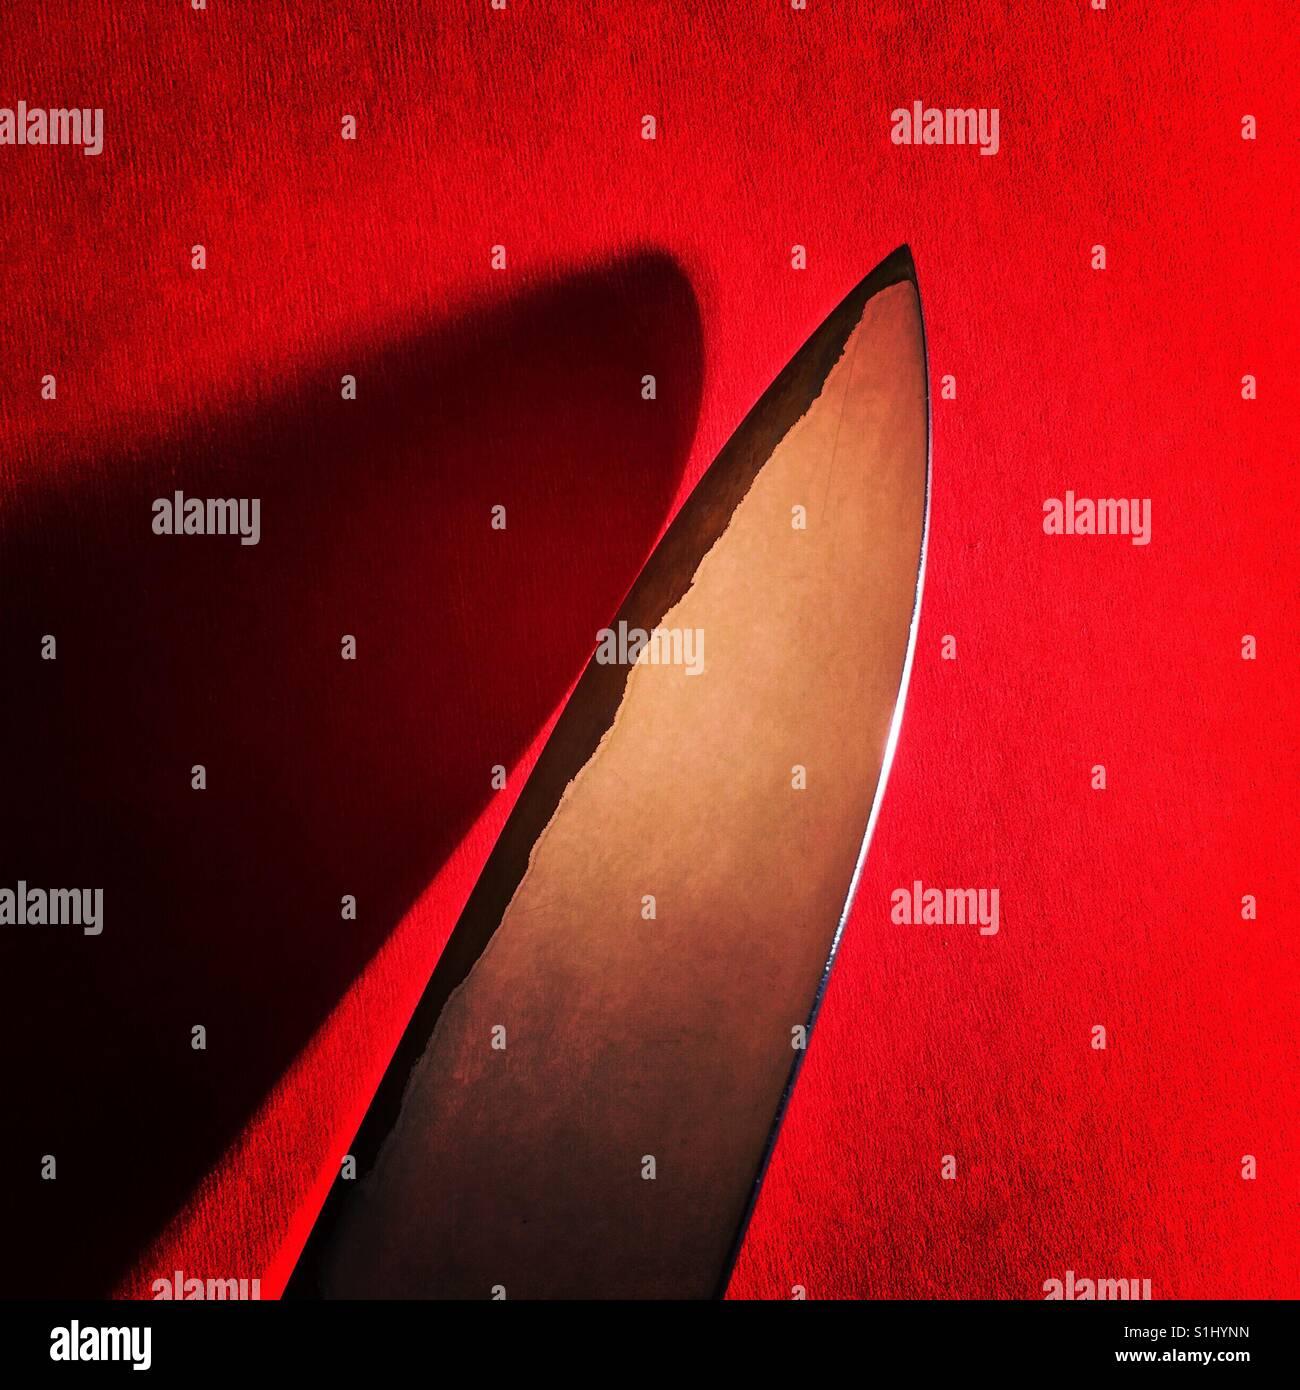 La lama di un coltello su una superficie di colore rosso con una profonda ombra Immagini Stock